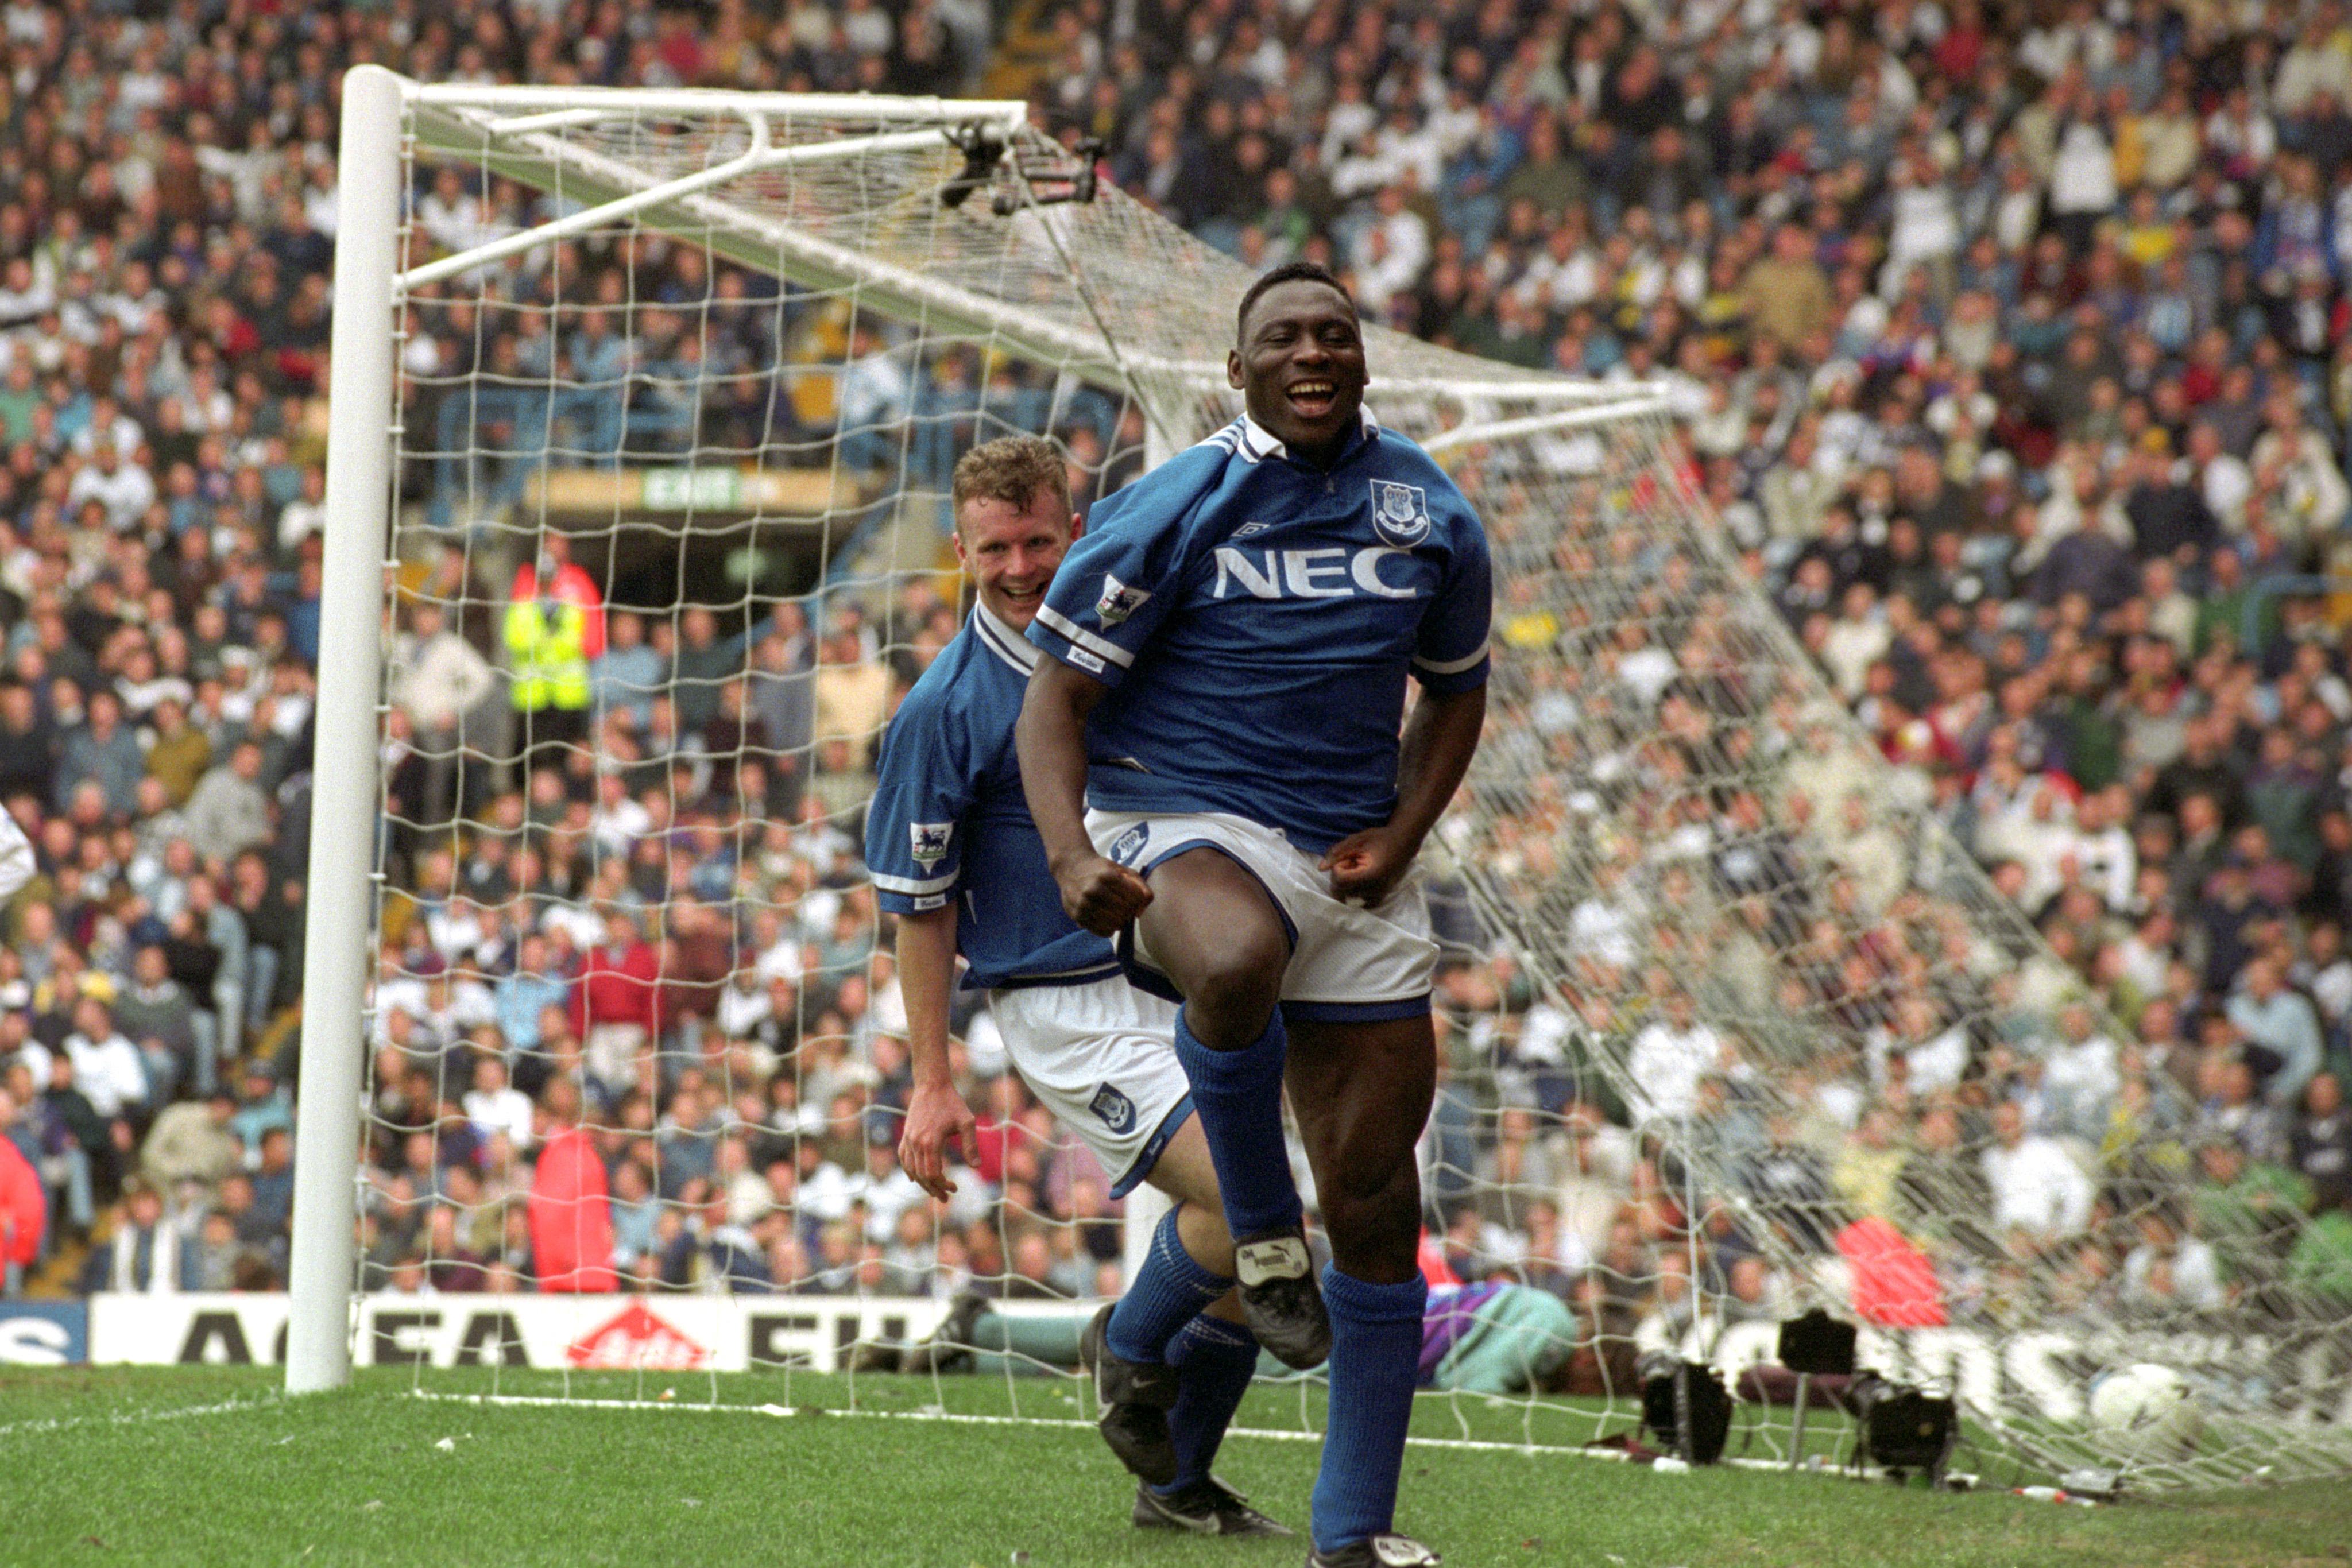 Soccer - FA Cup Semi Final - Tottenham Hotspur V Everton - Elland Road, Leeds